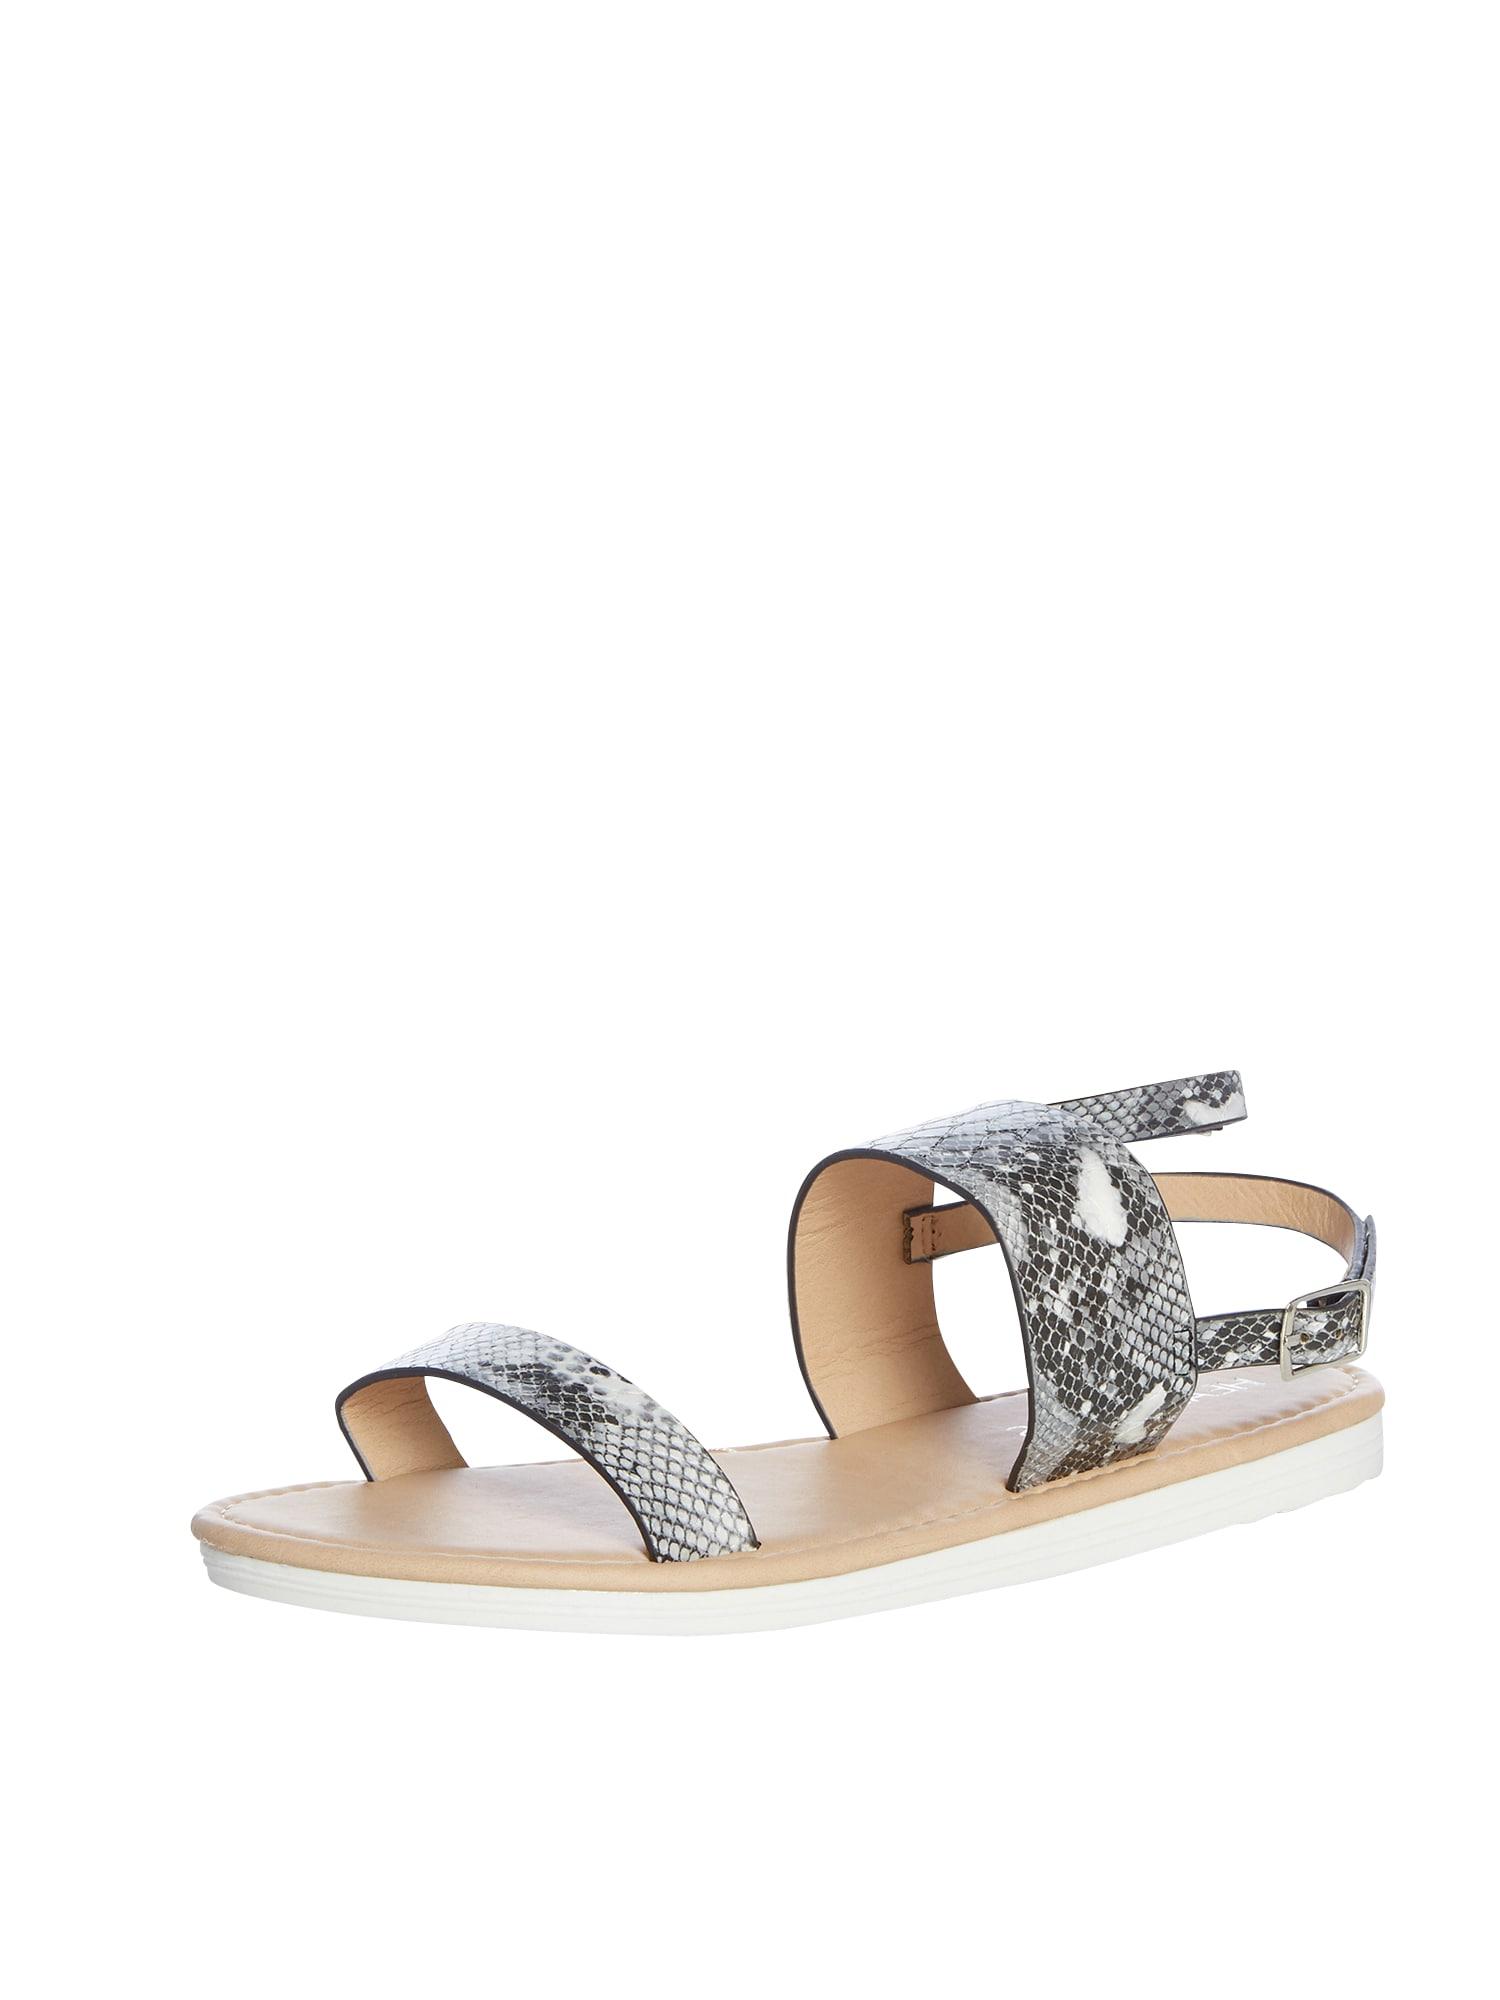 Páskové sandály Laila šedá černá bílá Head Over Heels